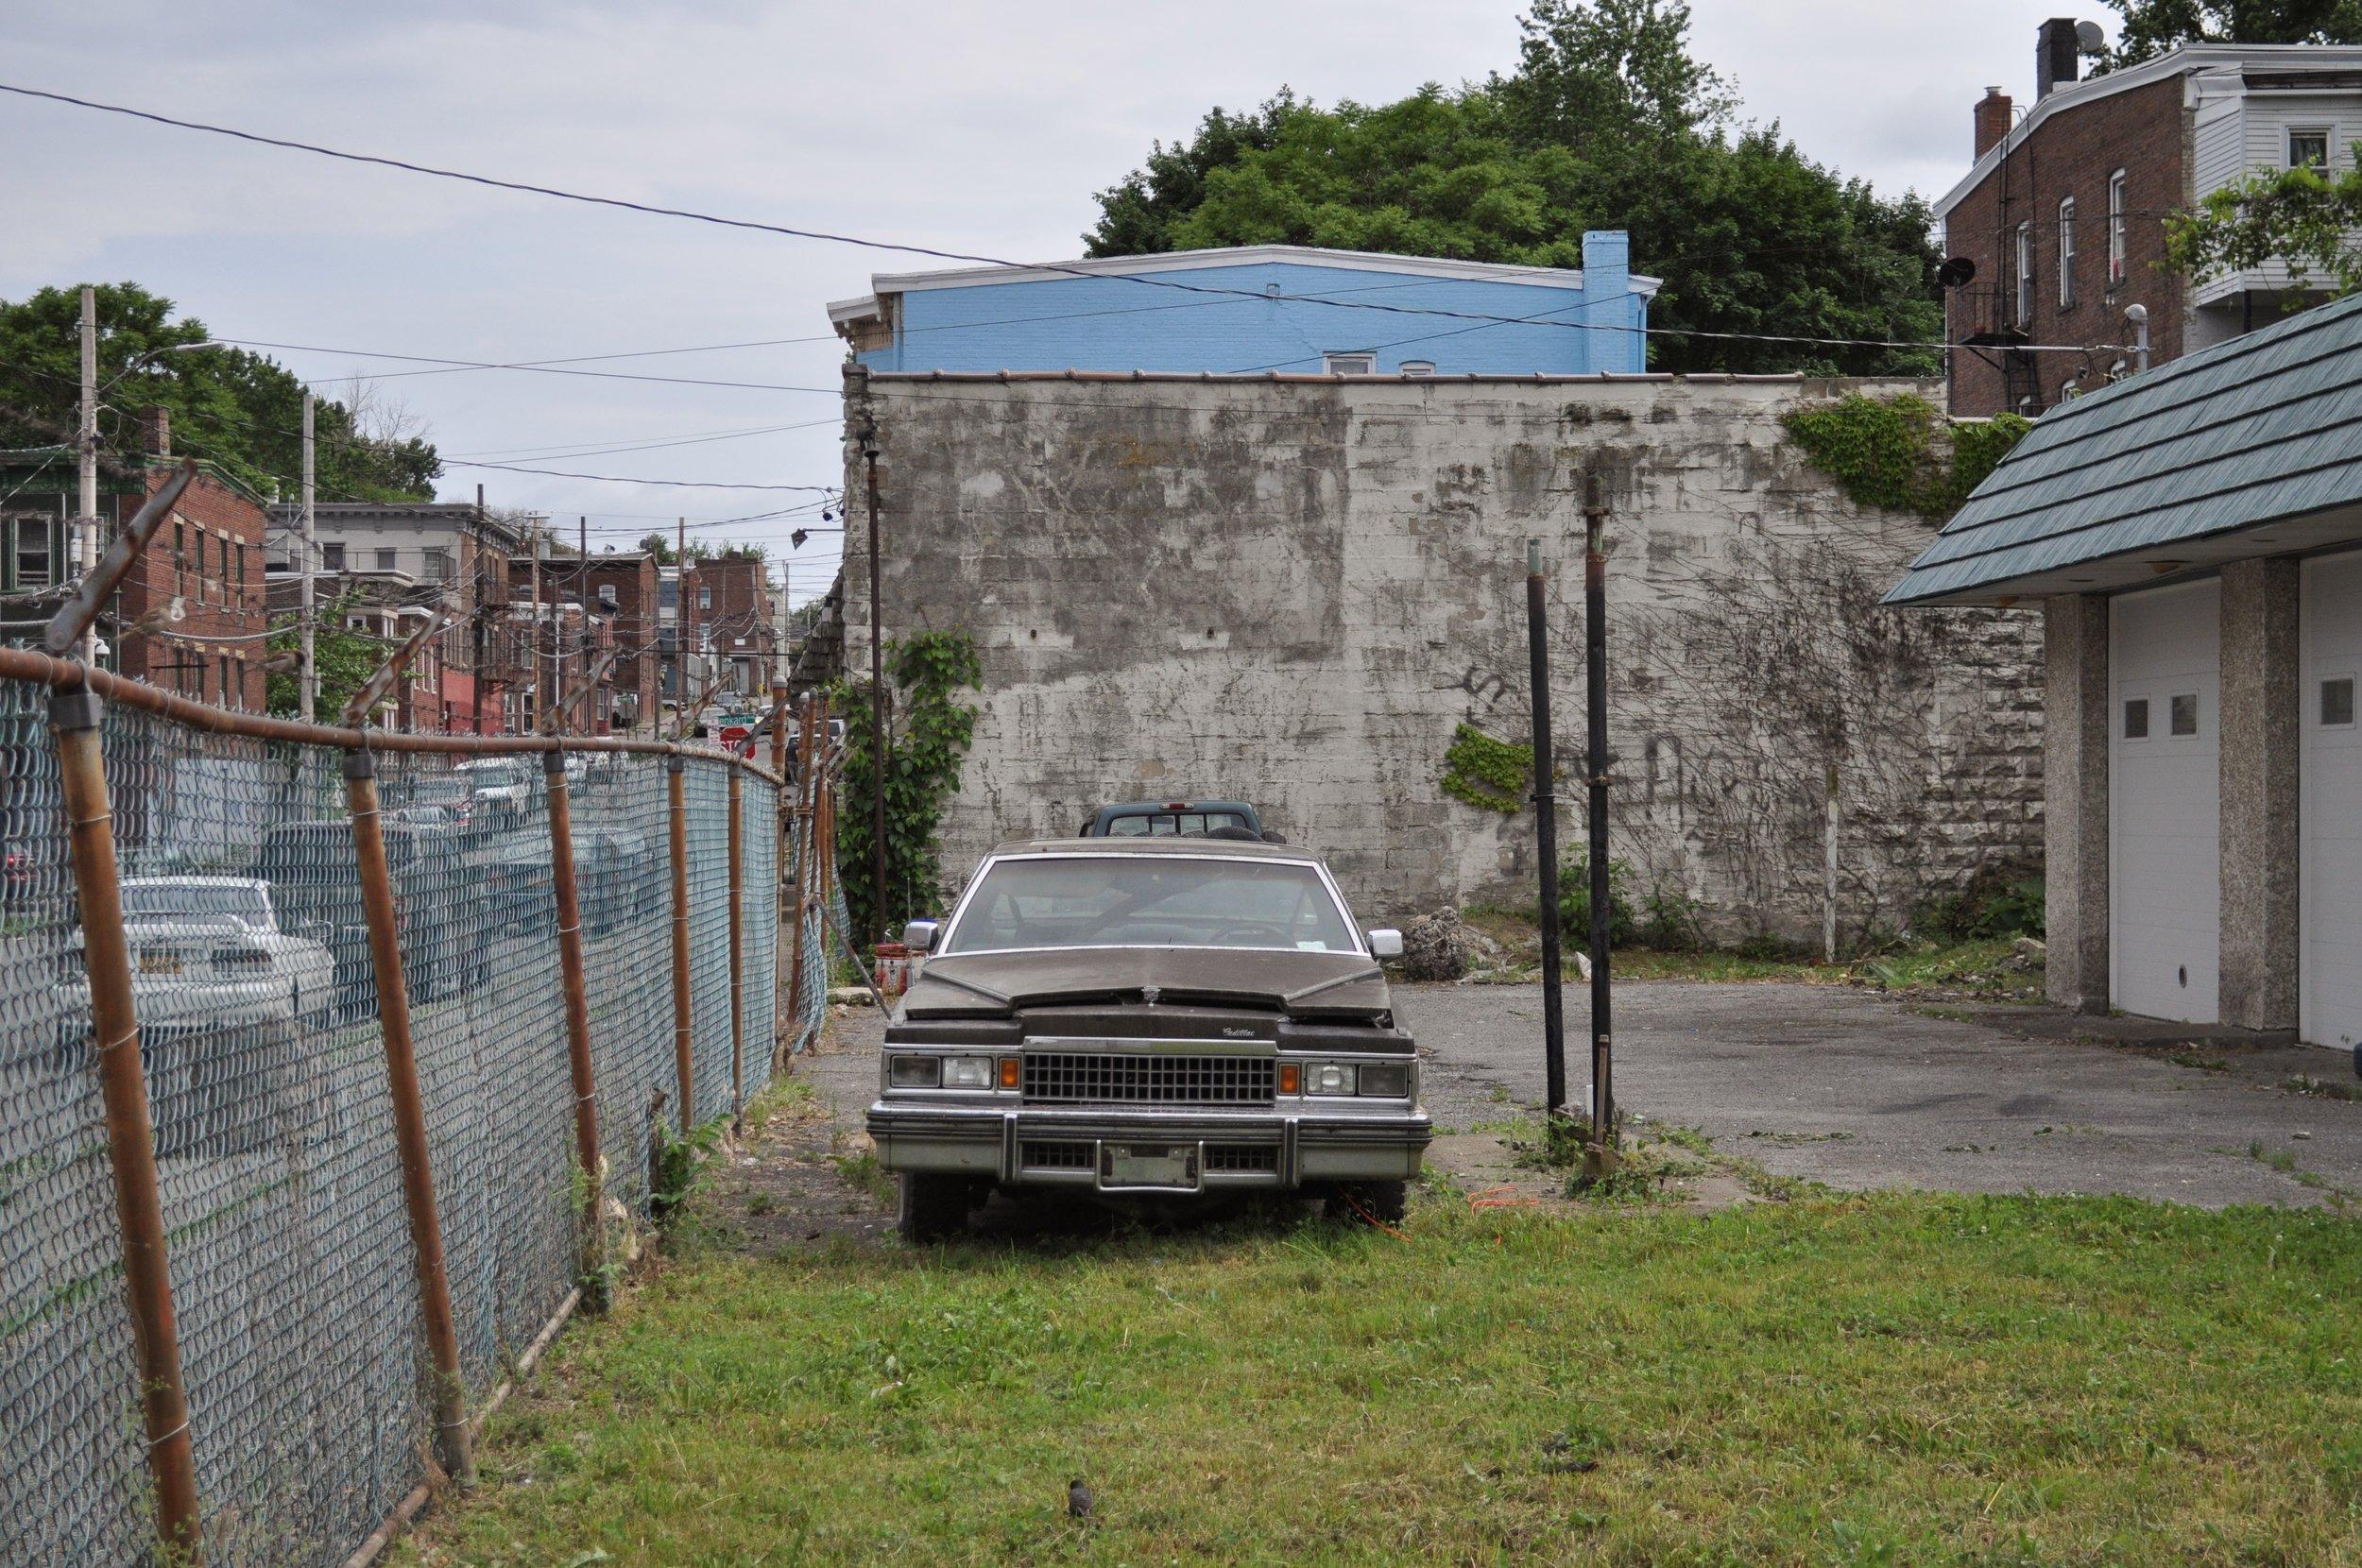 Fenced In Cadillac T.JPG